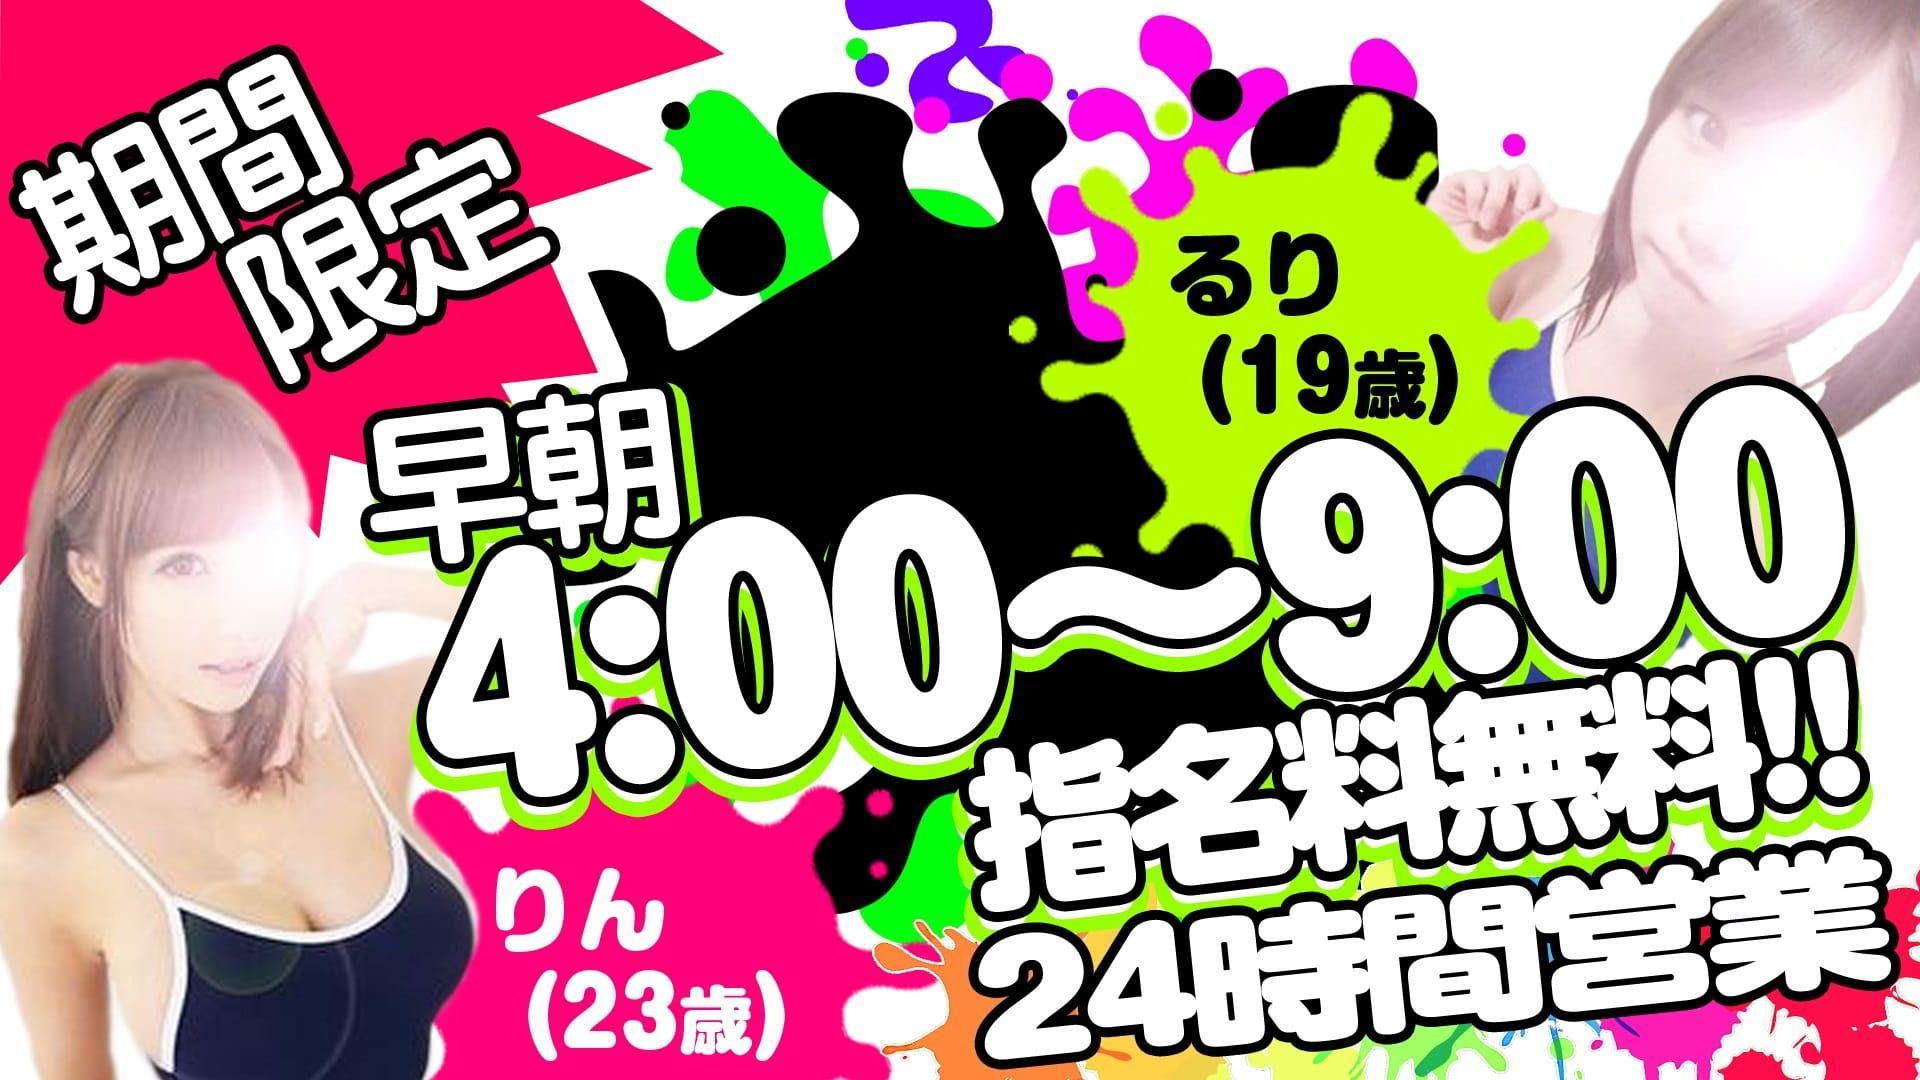 ローションマッサージ スク水ヌルヌル 新宿店